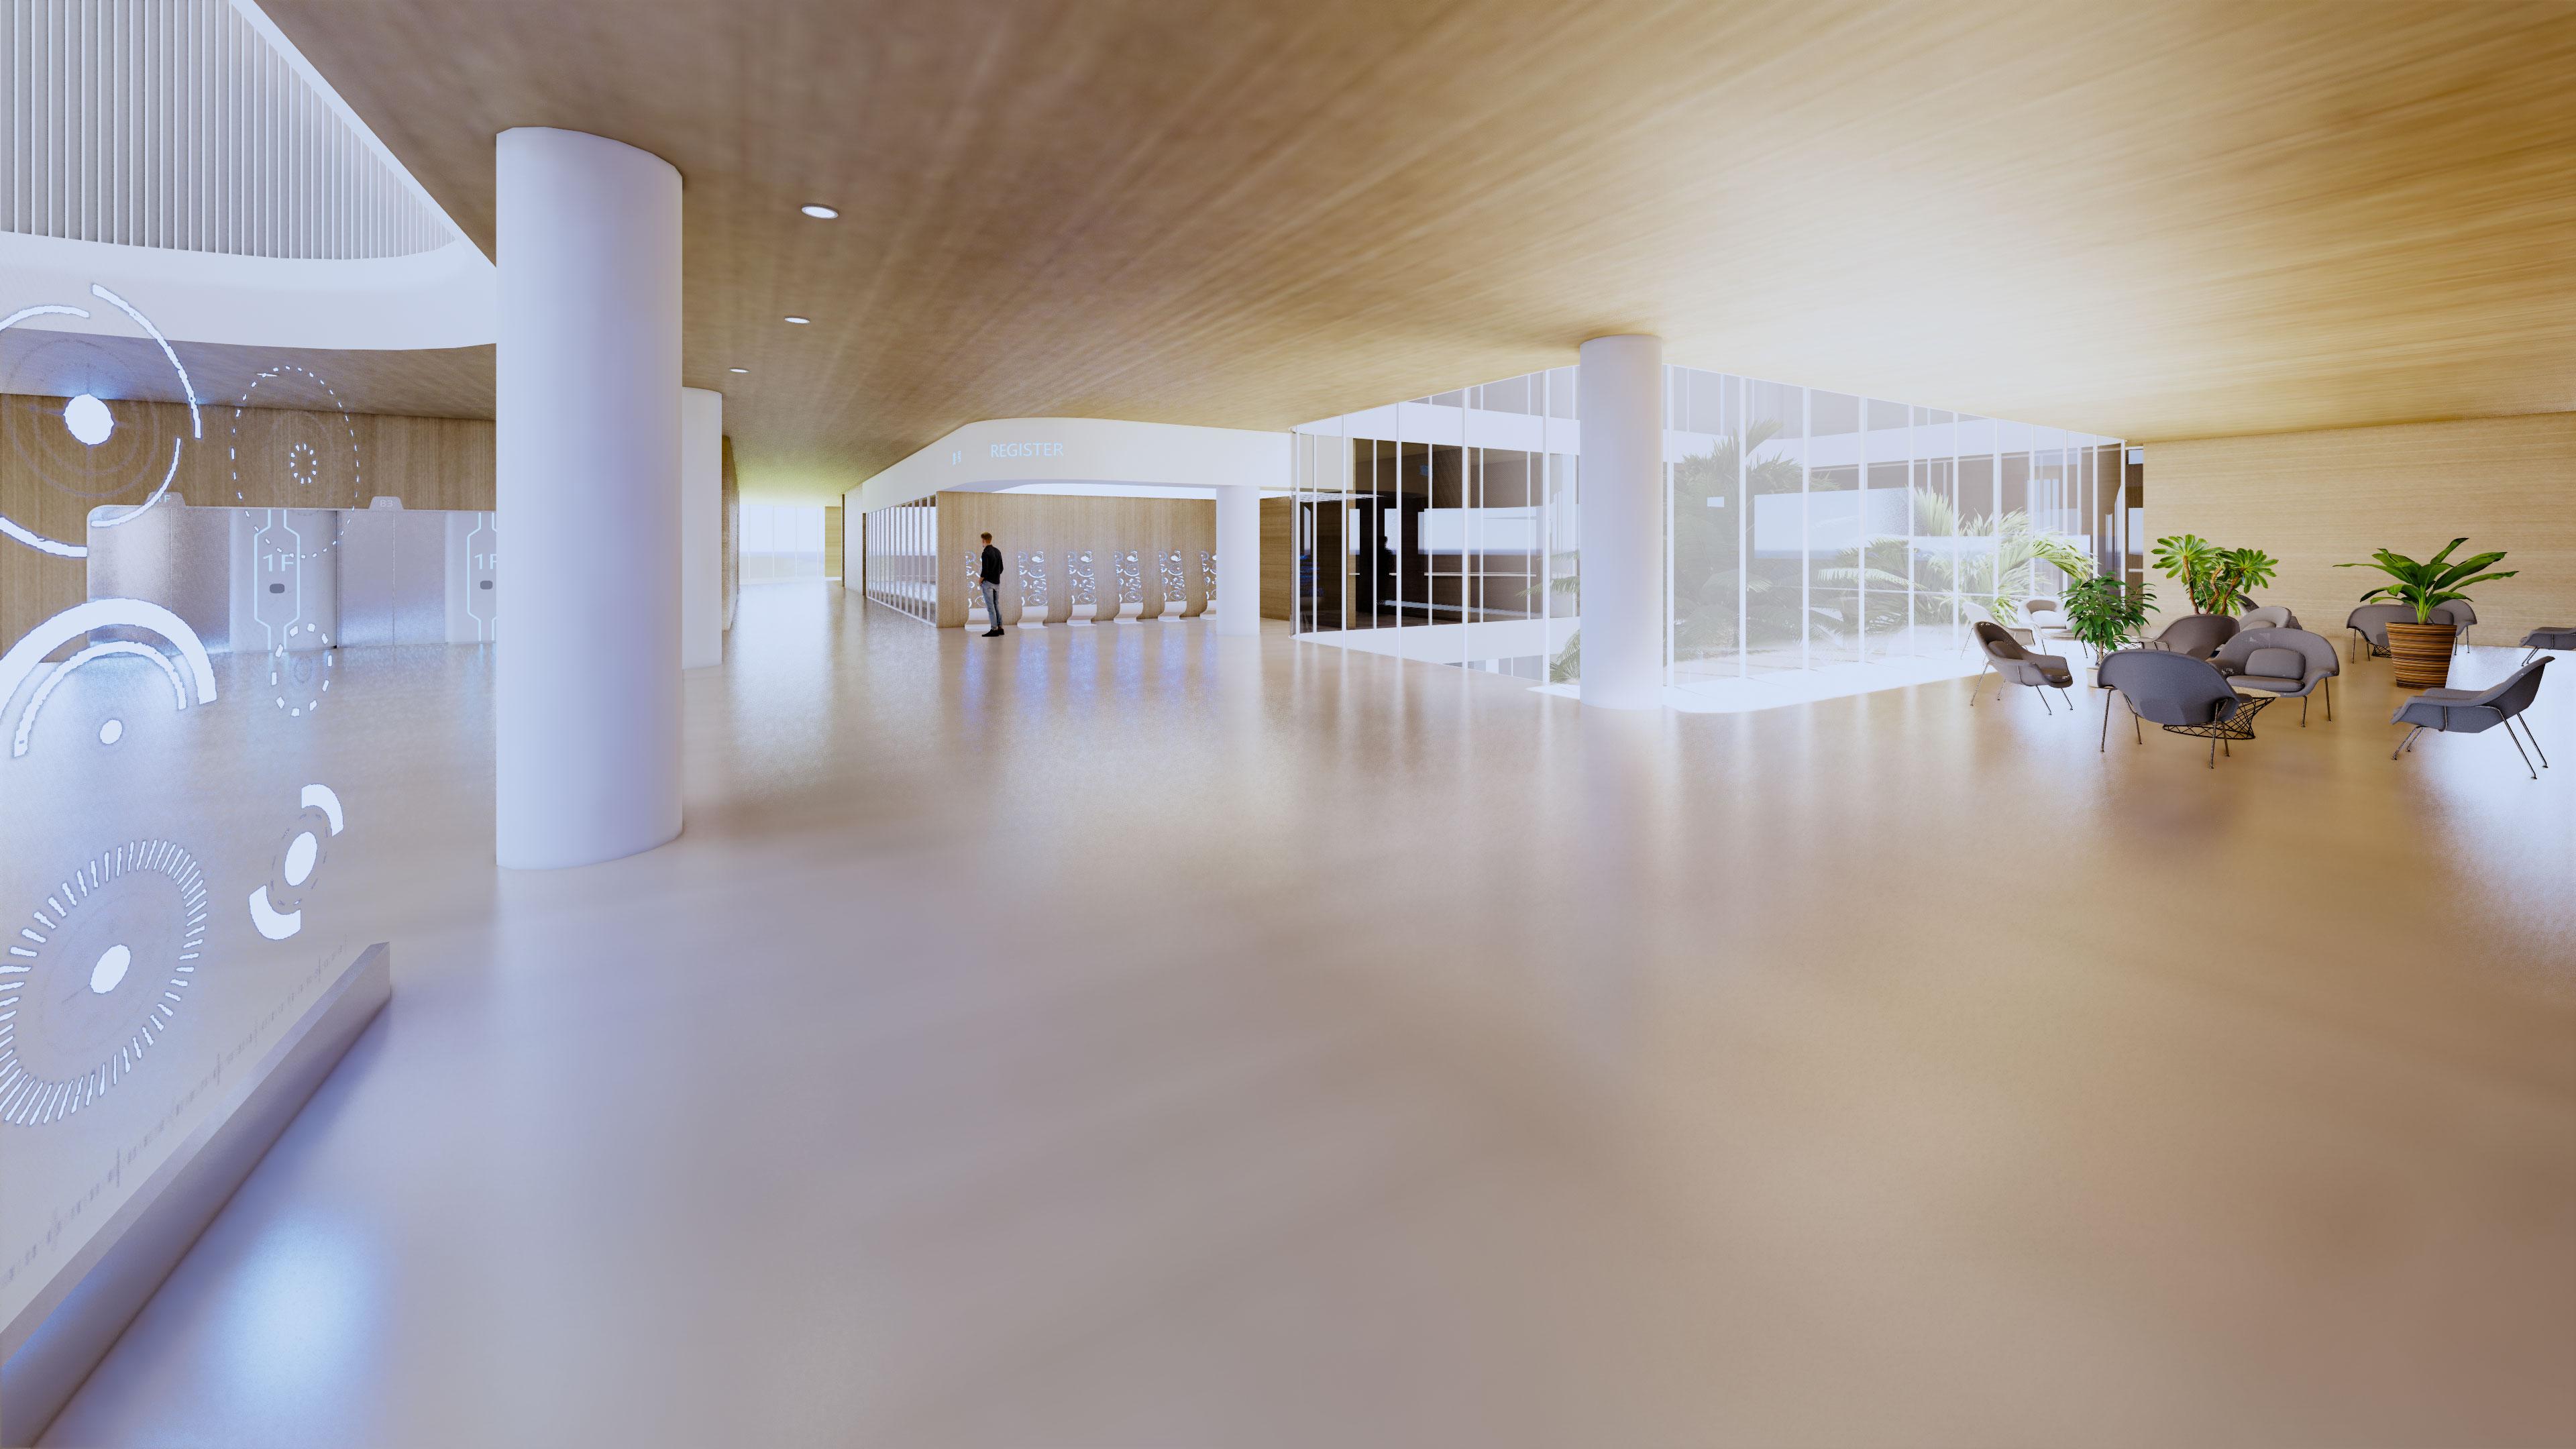 Sunlight atrium perspective